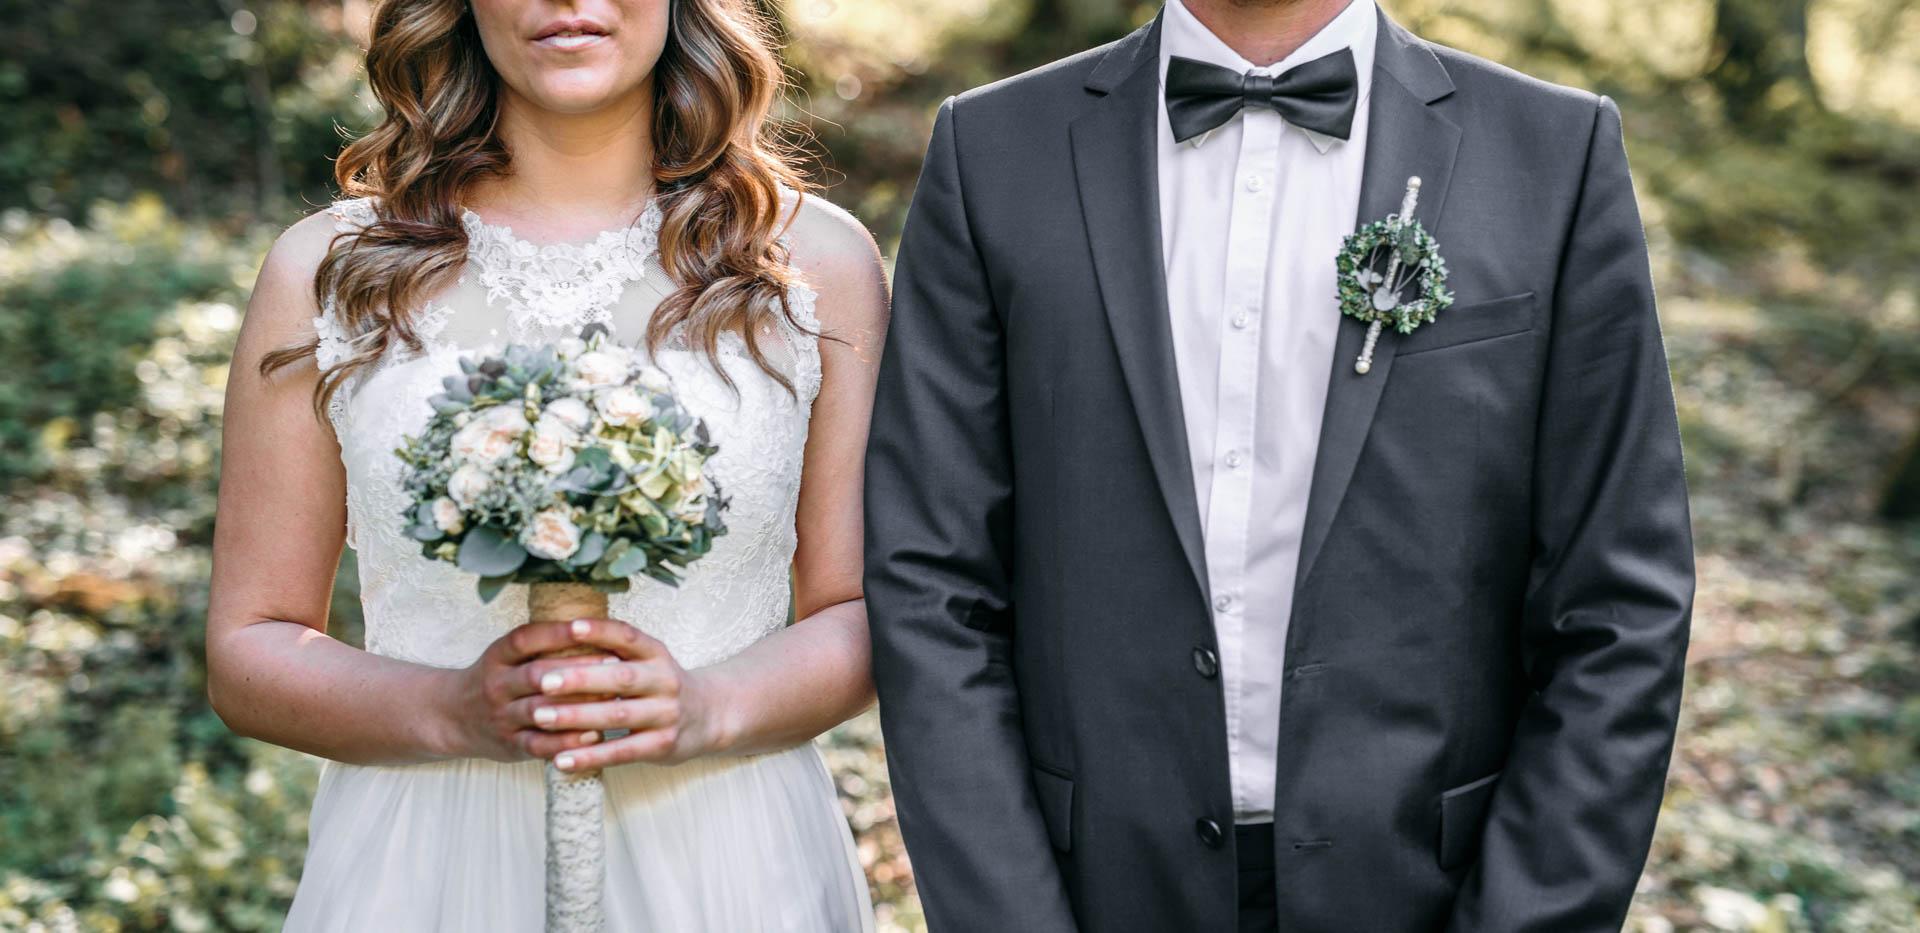 Brautstrauß in den Händen der Boho Braut